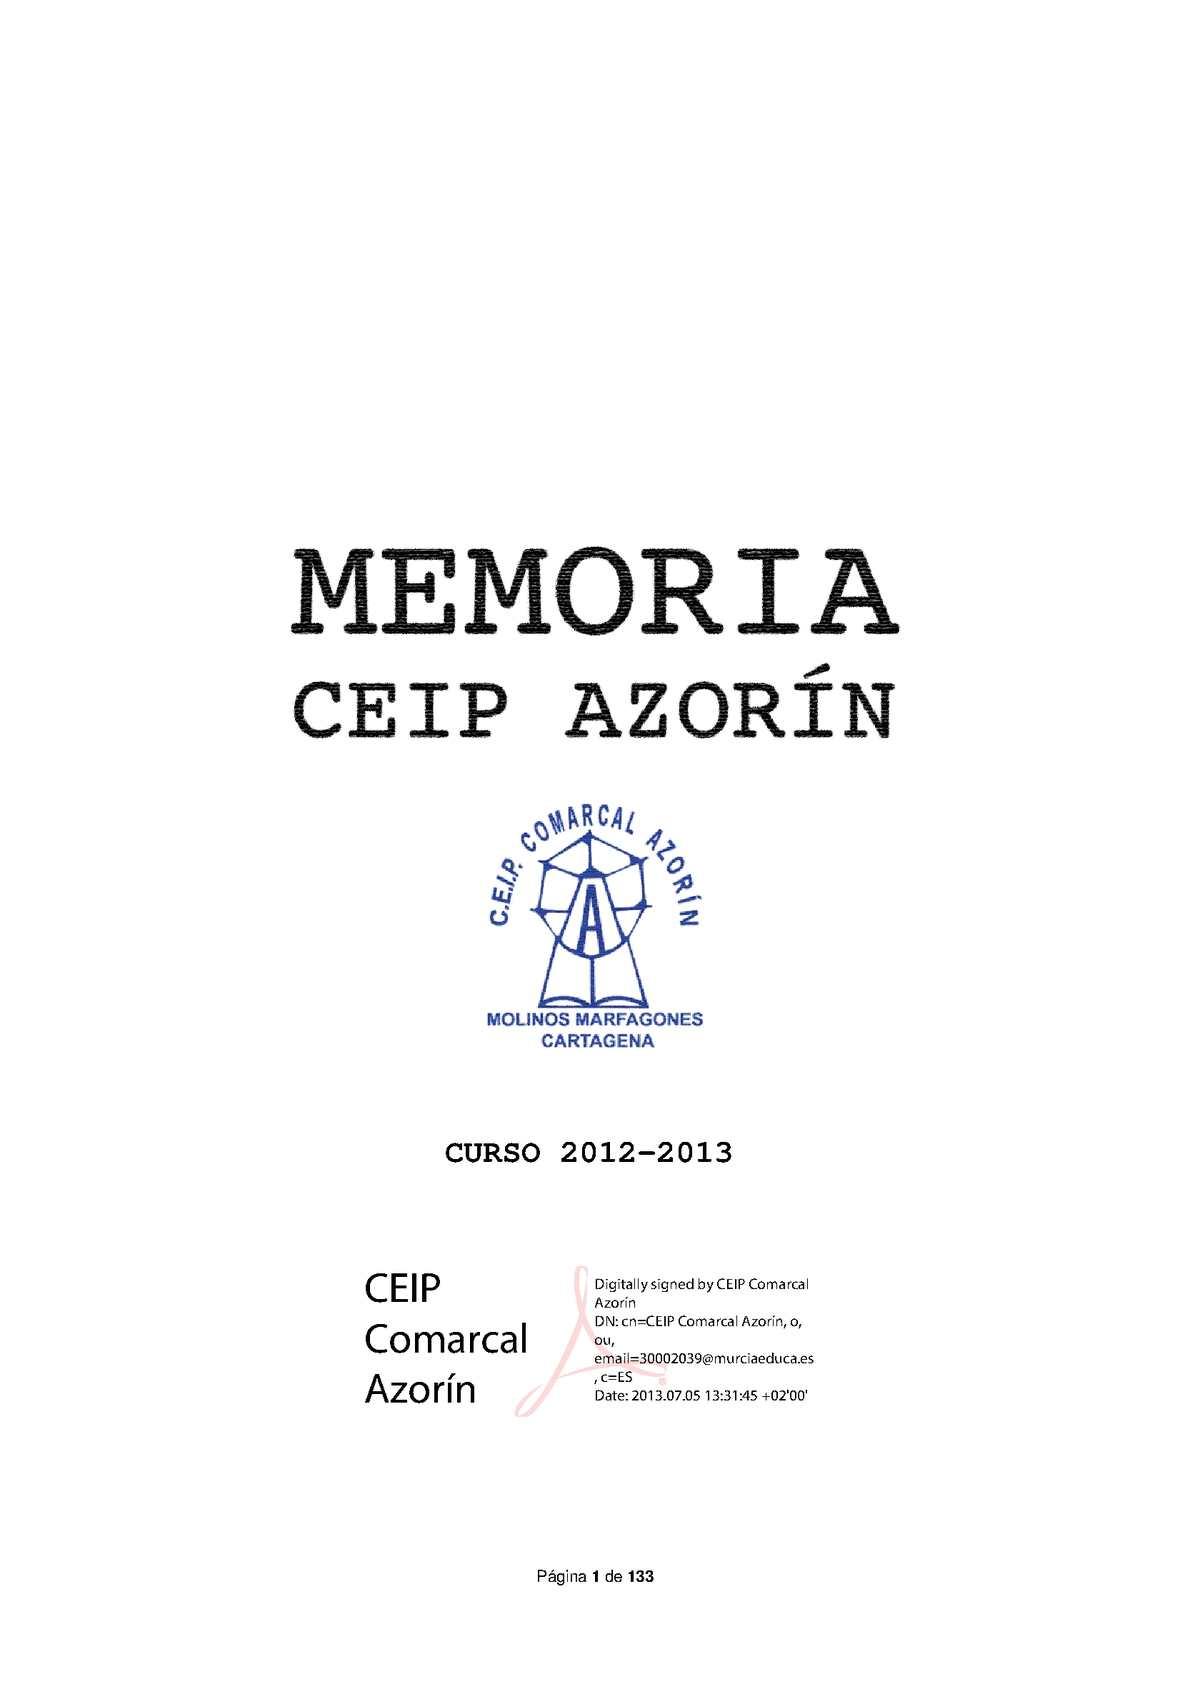 Calaméo - Memoria final de curso 2012-2013